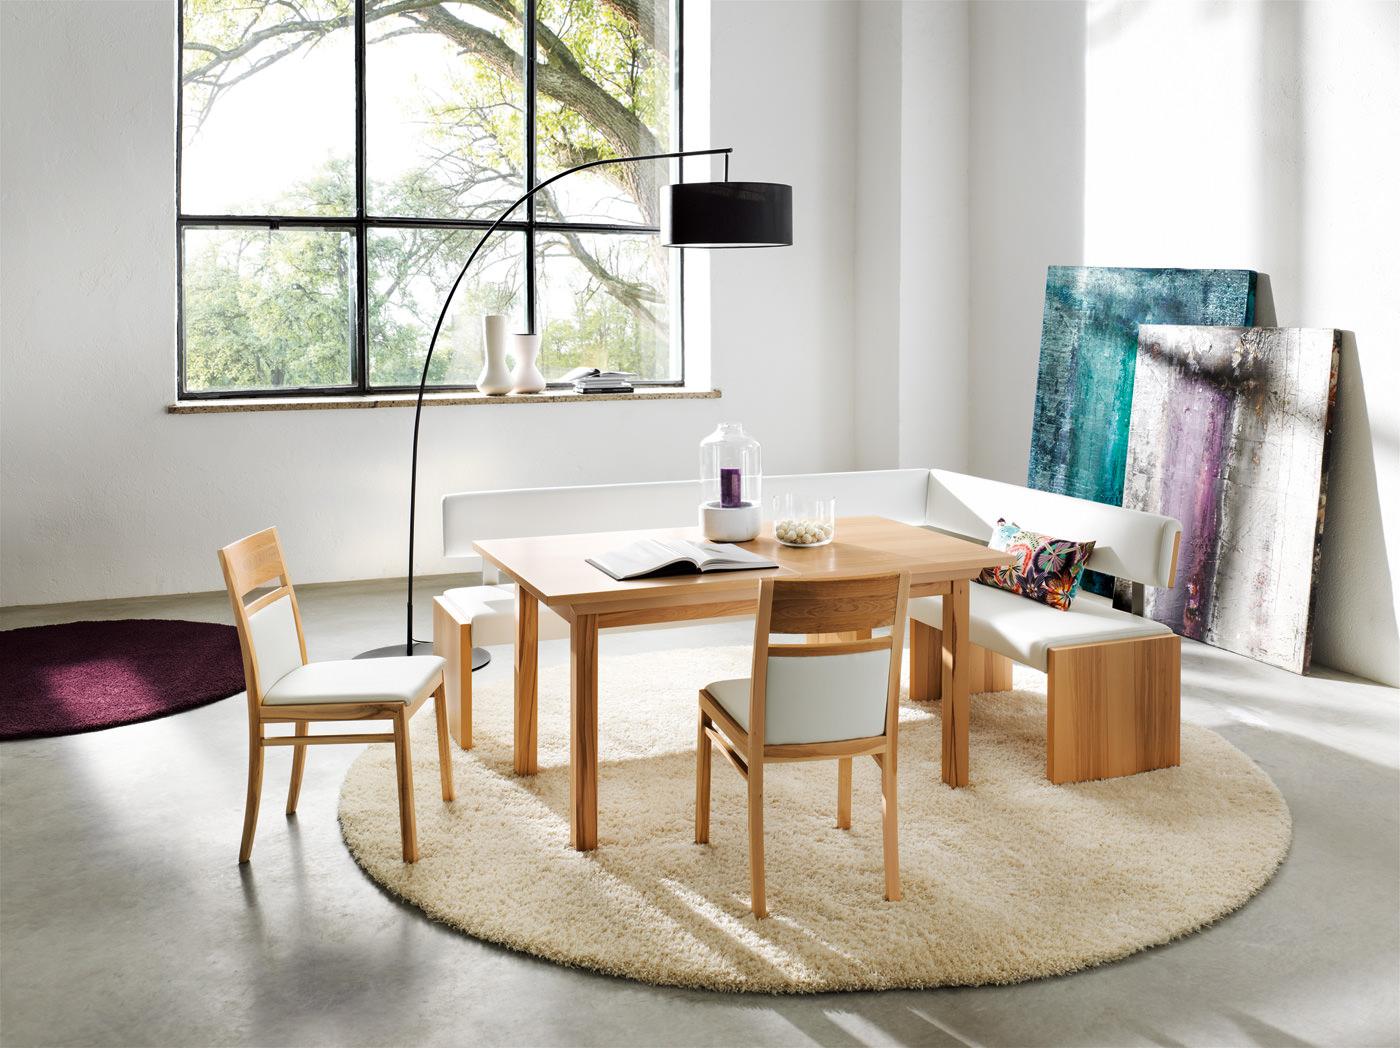 individuelle m bel von top marken jetzt informieren. Black Bedroom Furniture Sets. Home Design Ideas